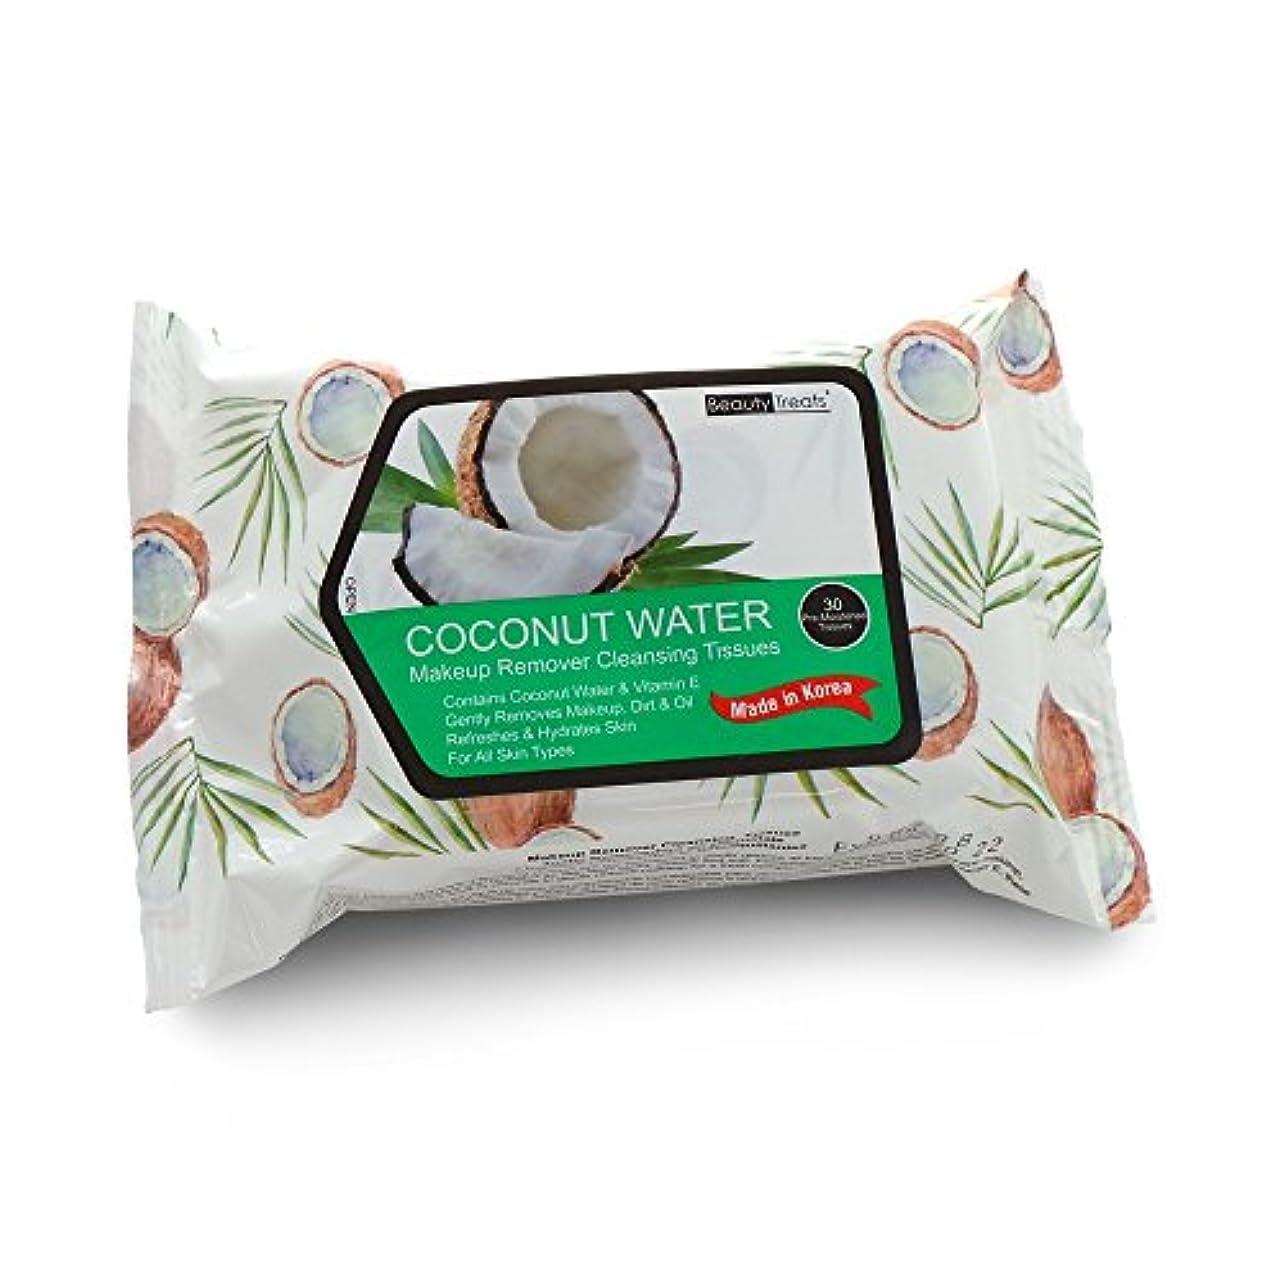 番号暫定不名誉(3 Pack) BEAUTY TREATS Coconut Water Makeup Remover Cleaning Tissues (並行輸入品)